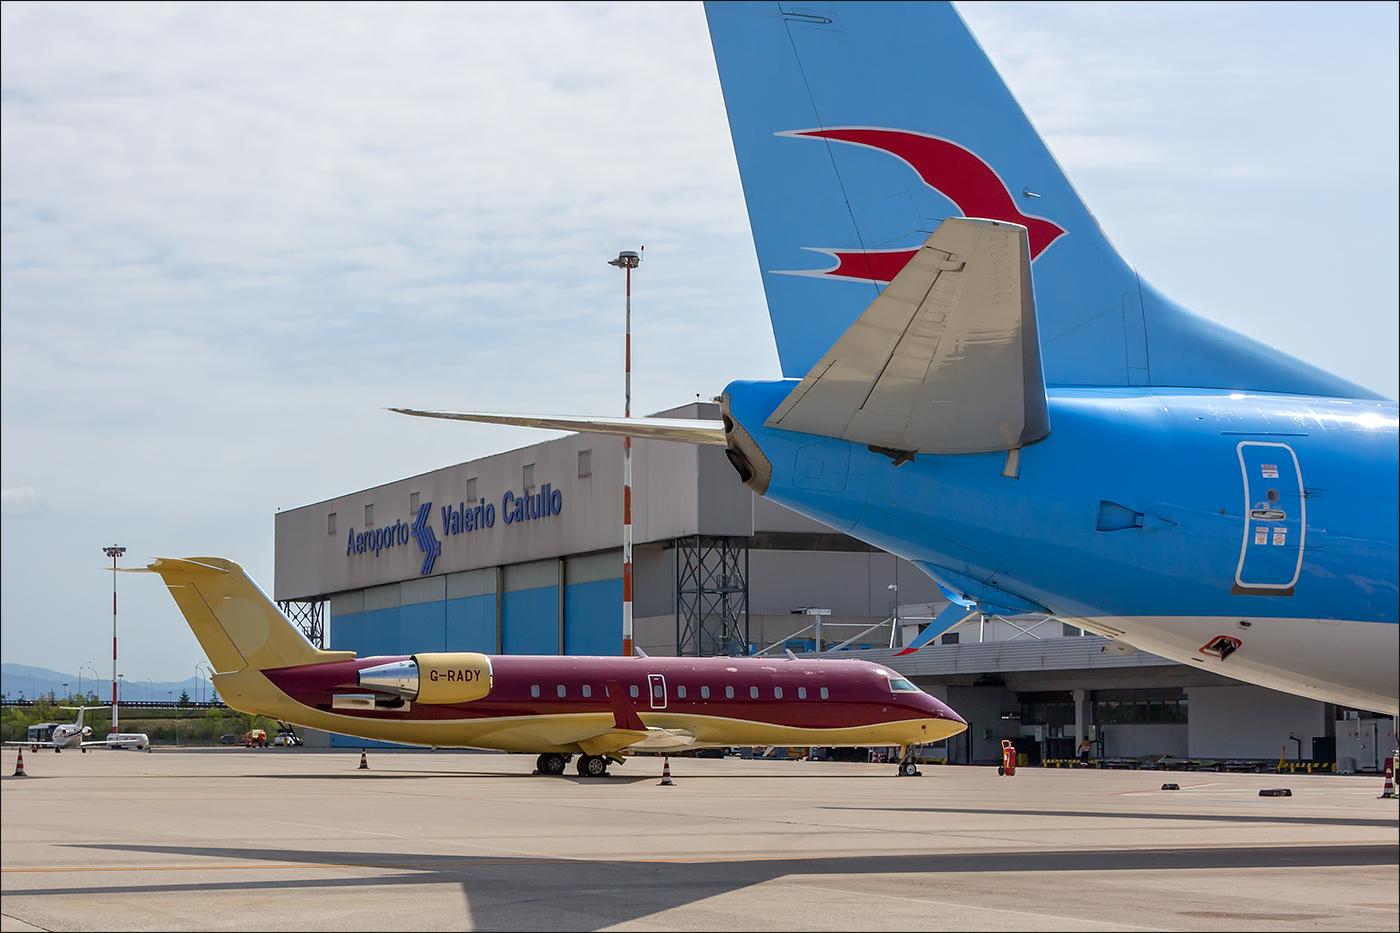 Aeroporto di Verona: aggiornamento programma voli